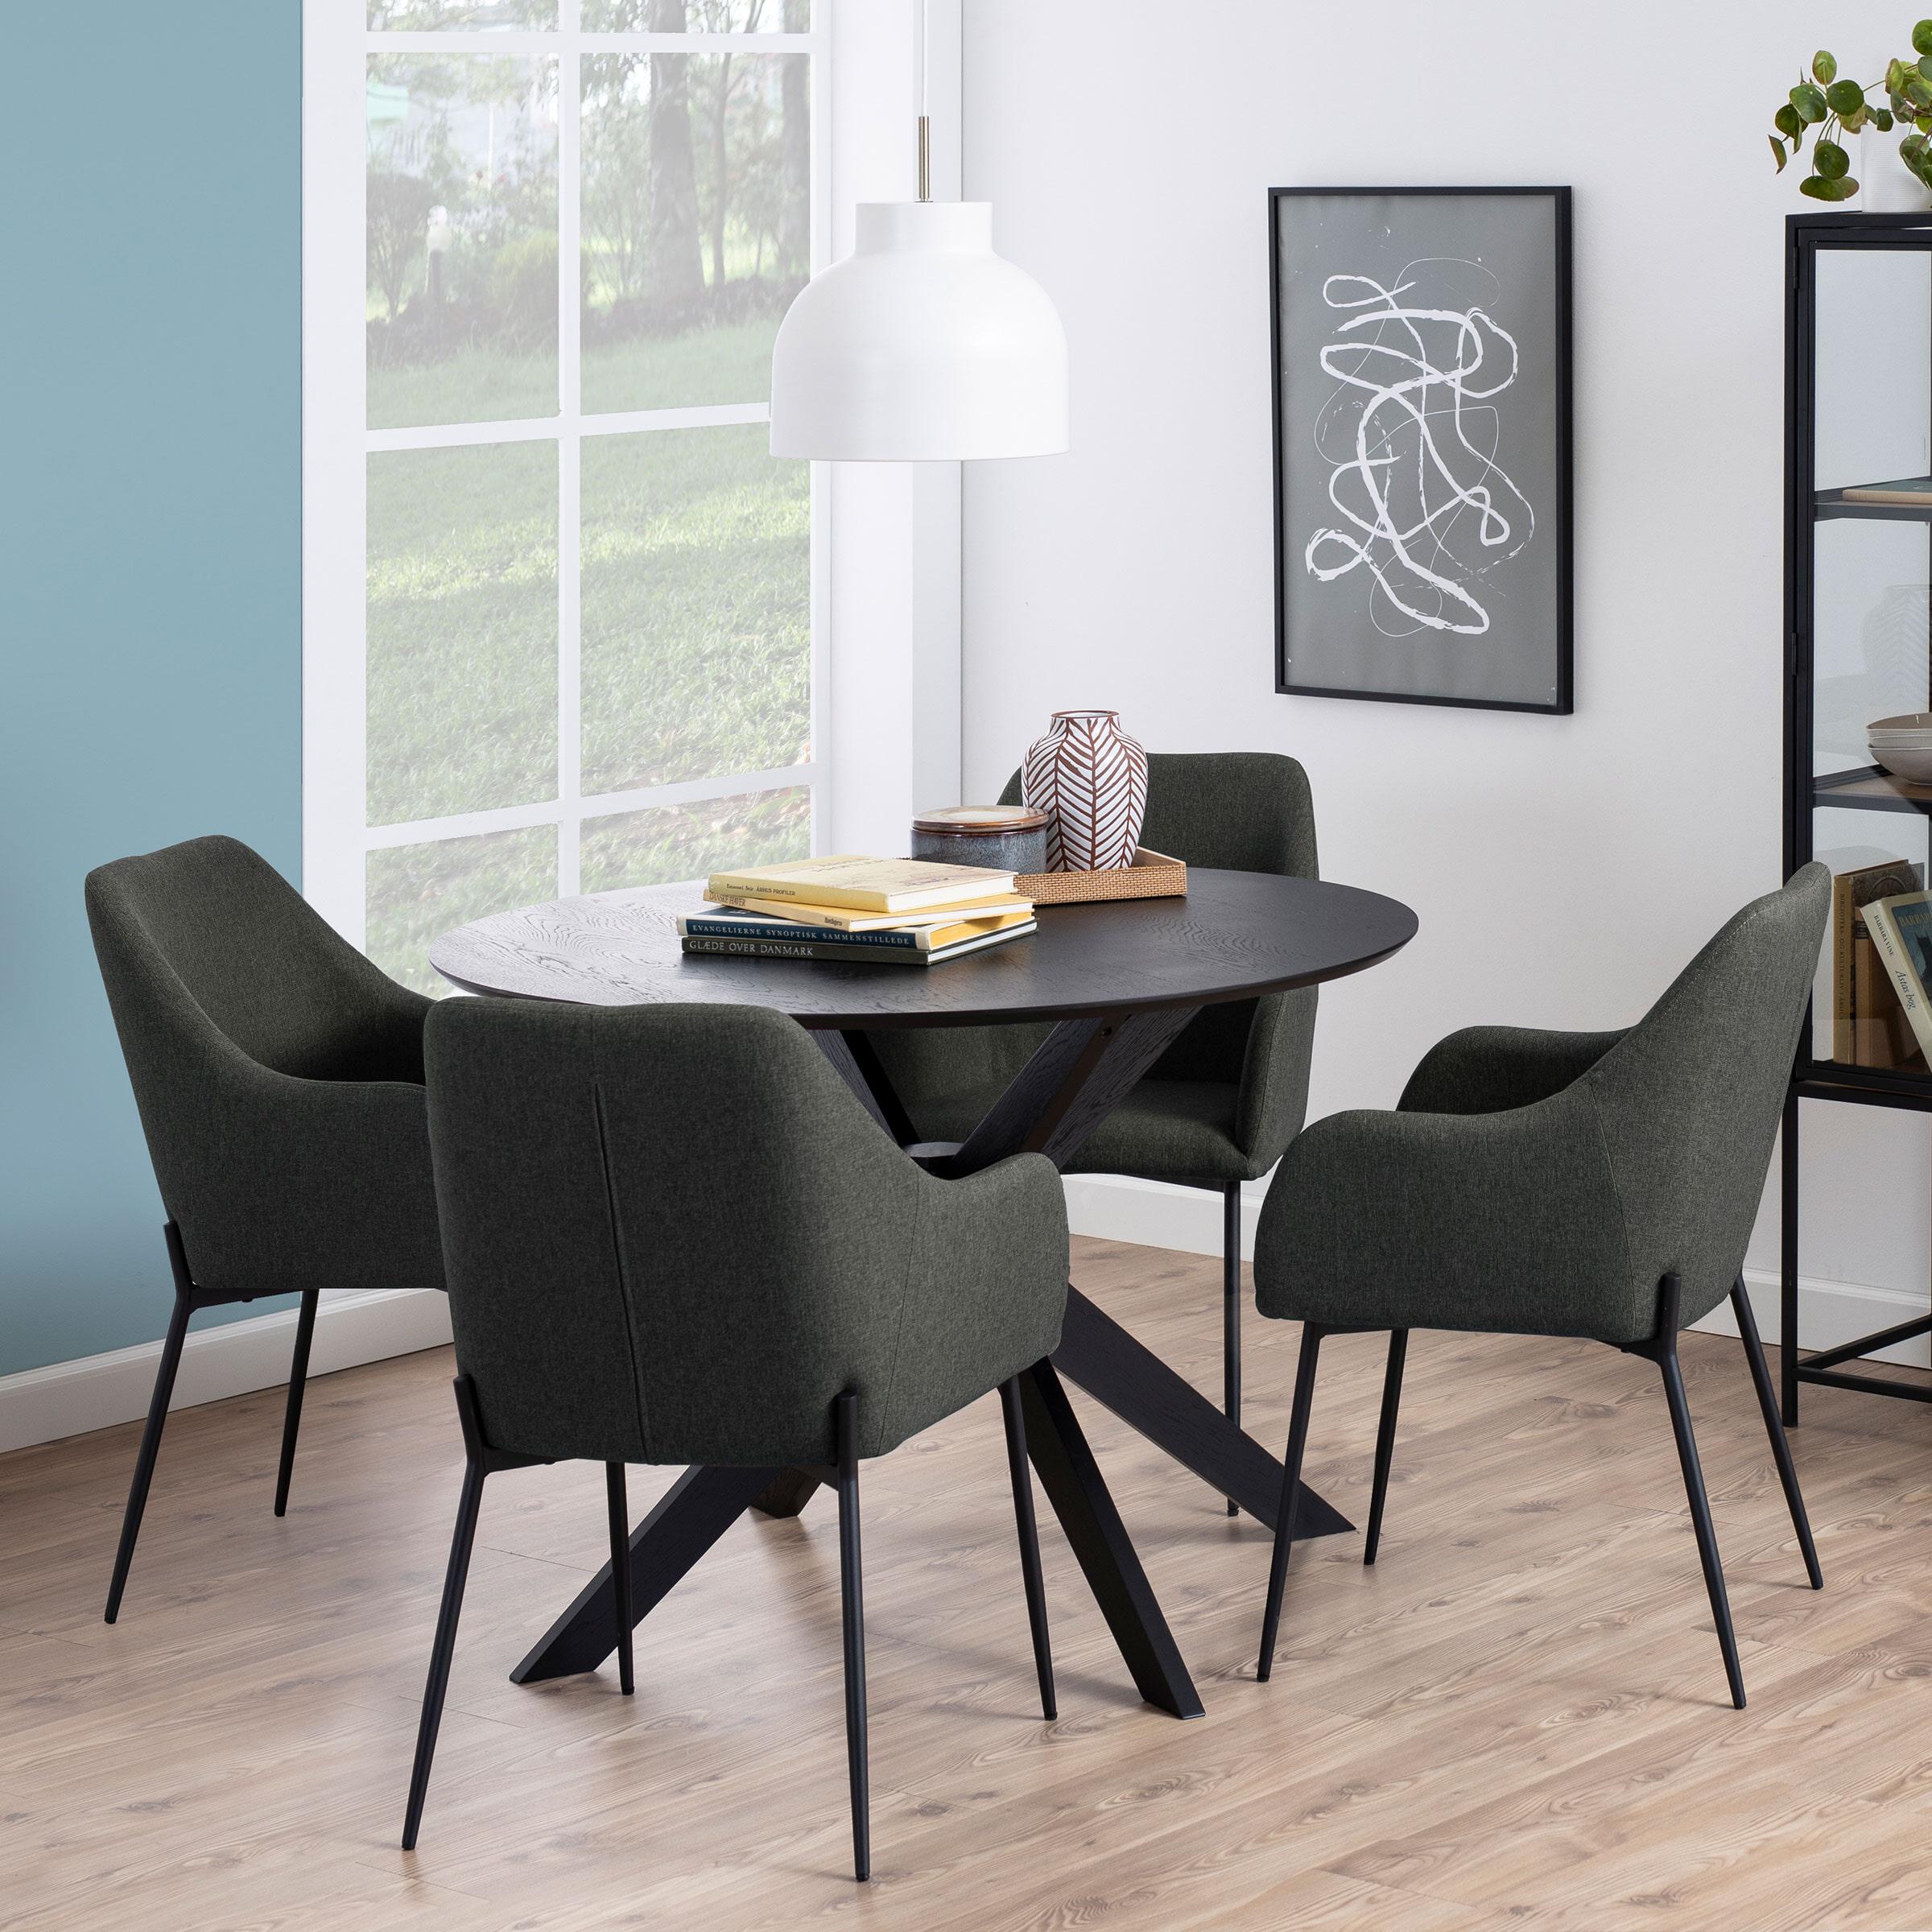 Bendt Ronde Eettafel 'Evald' 105cm, kleur Zwart